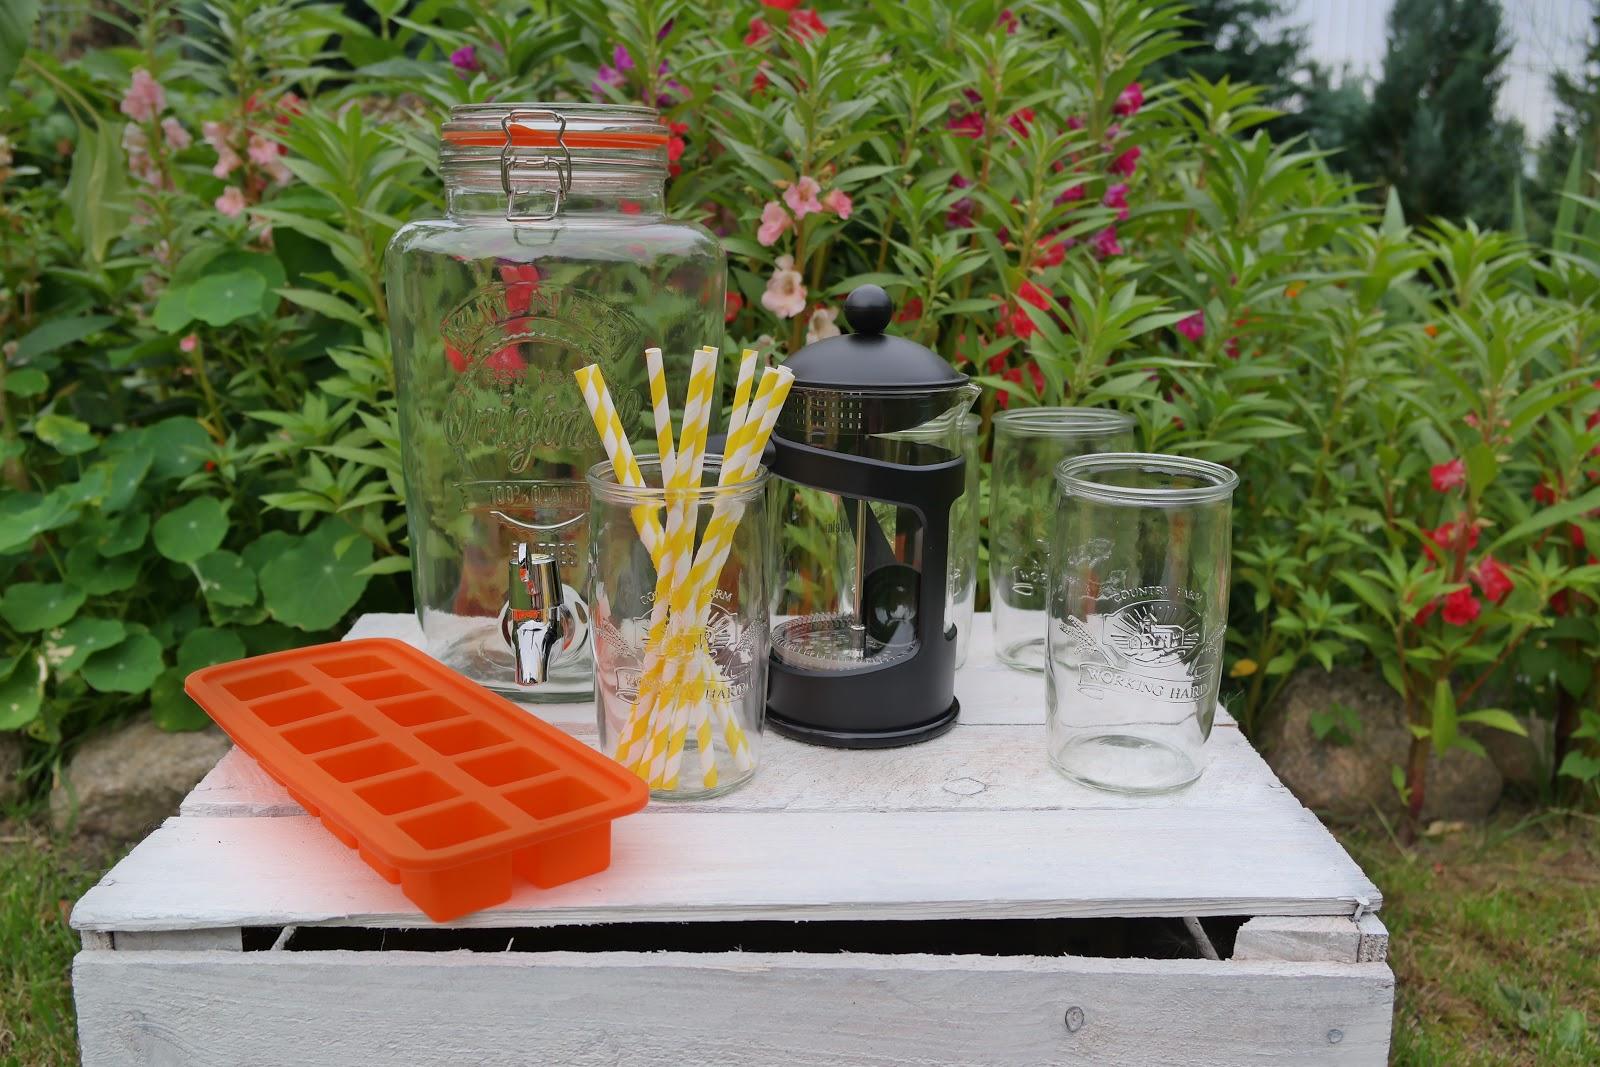 Przybory niezbędne do przygotowania mrożonej zielonej herbaty